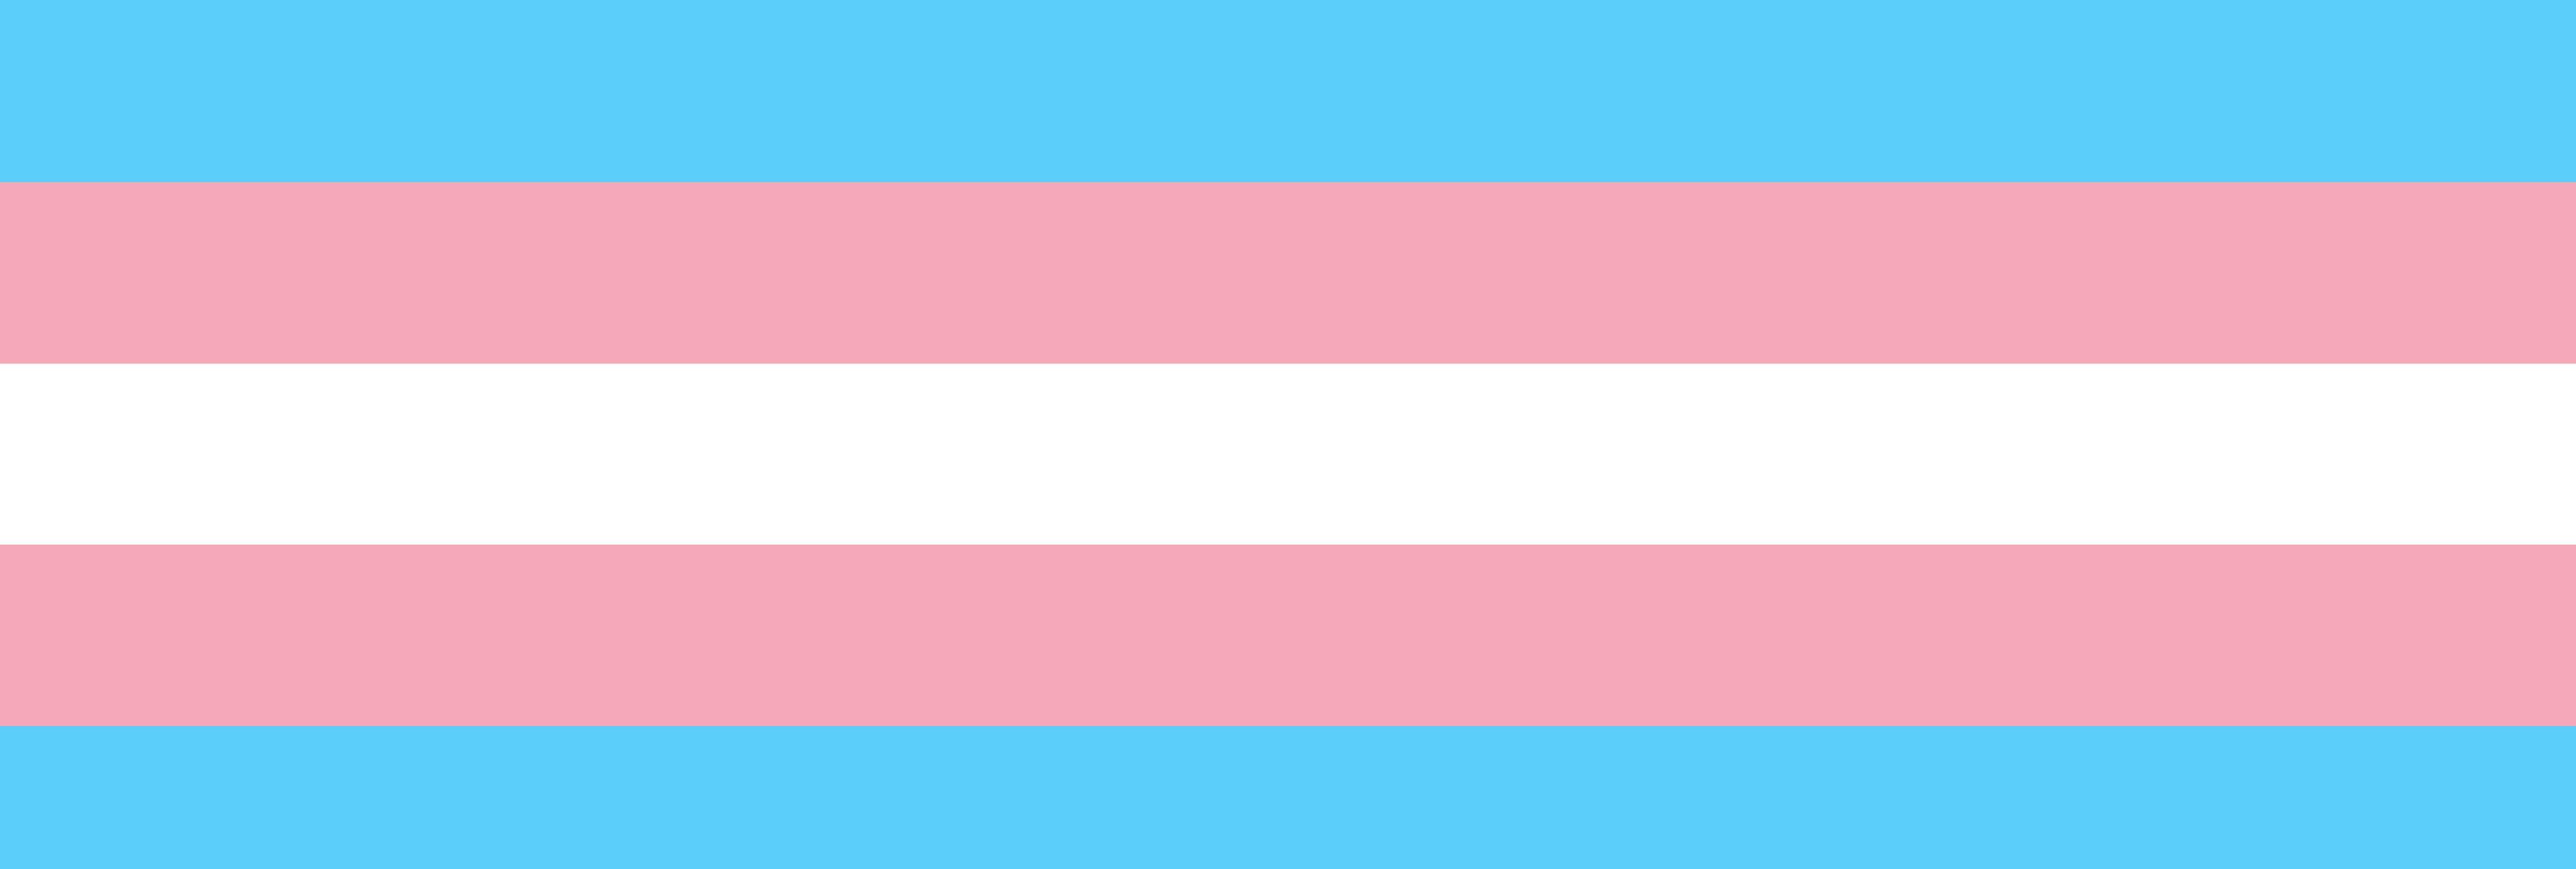 Casi 300 personas transexuales han sido asesinadas en lo que va de año